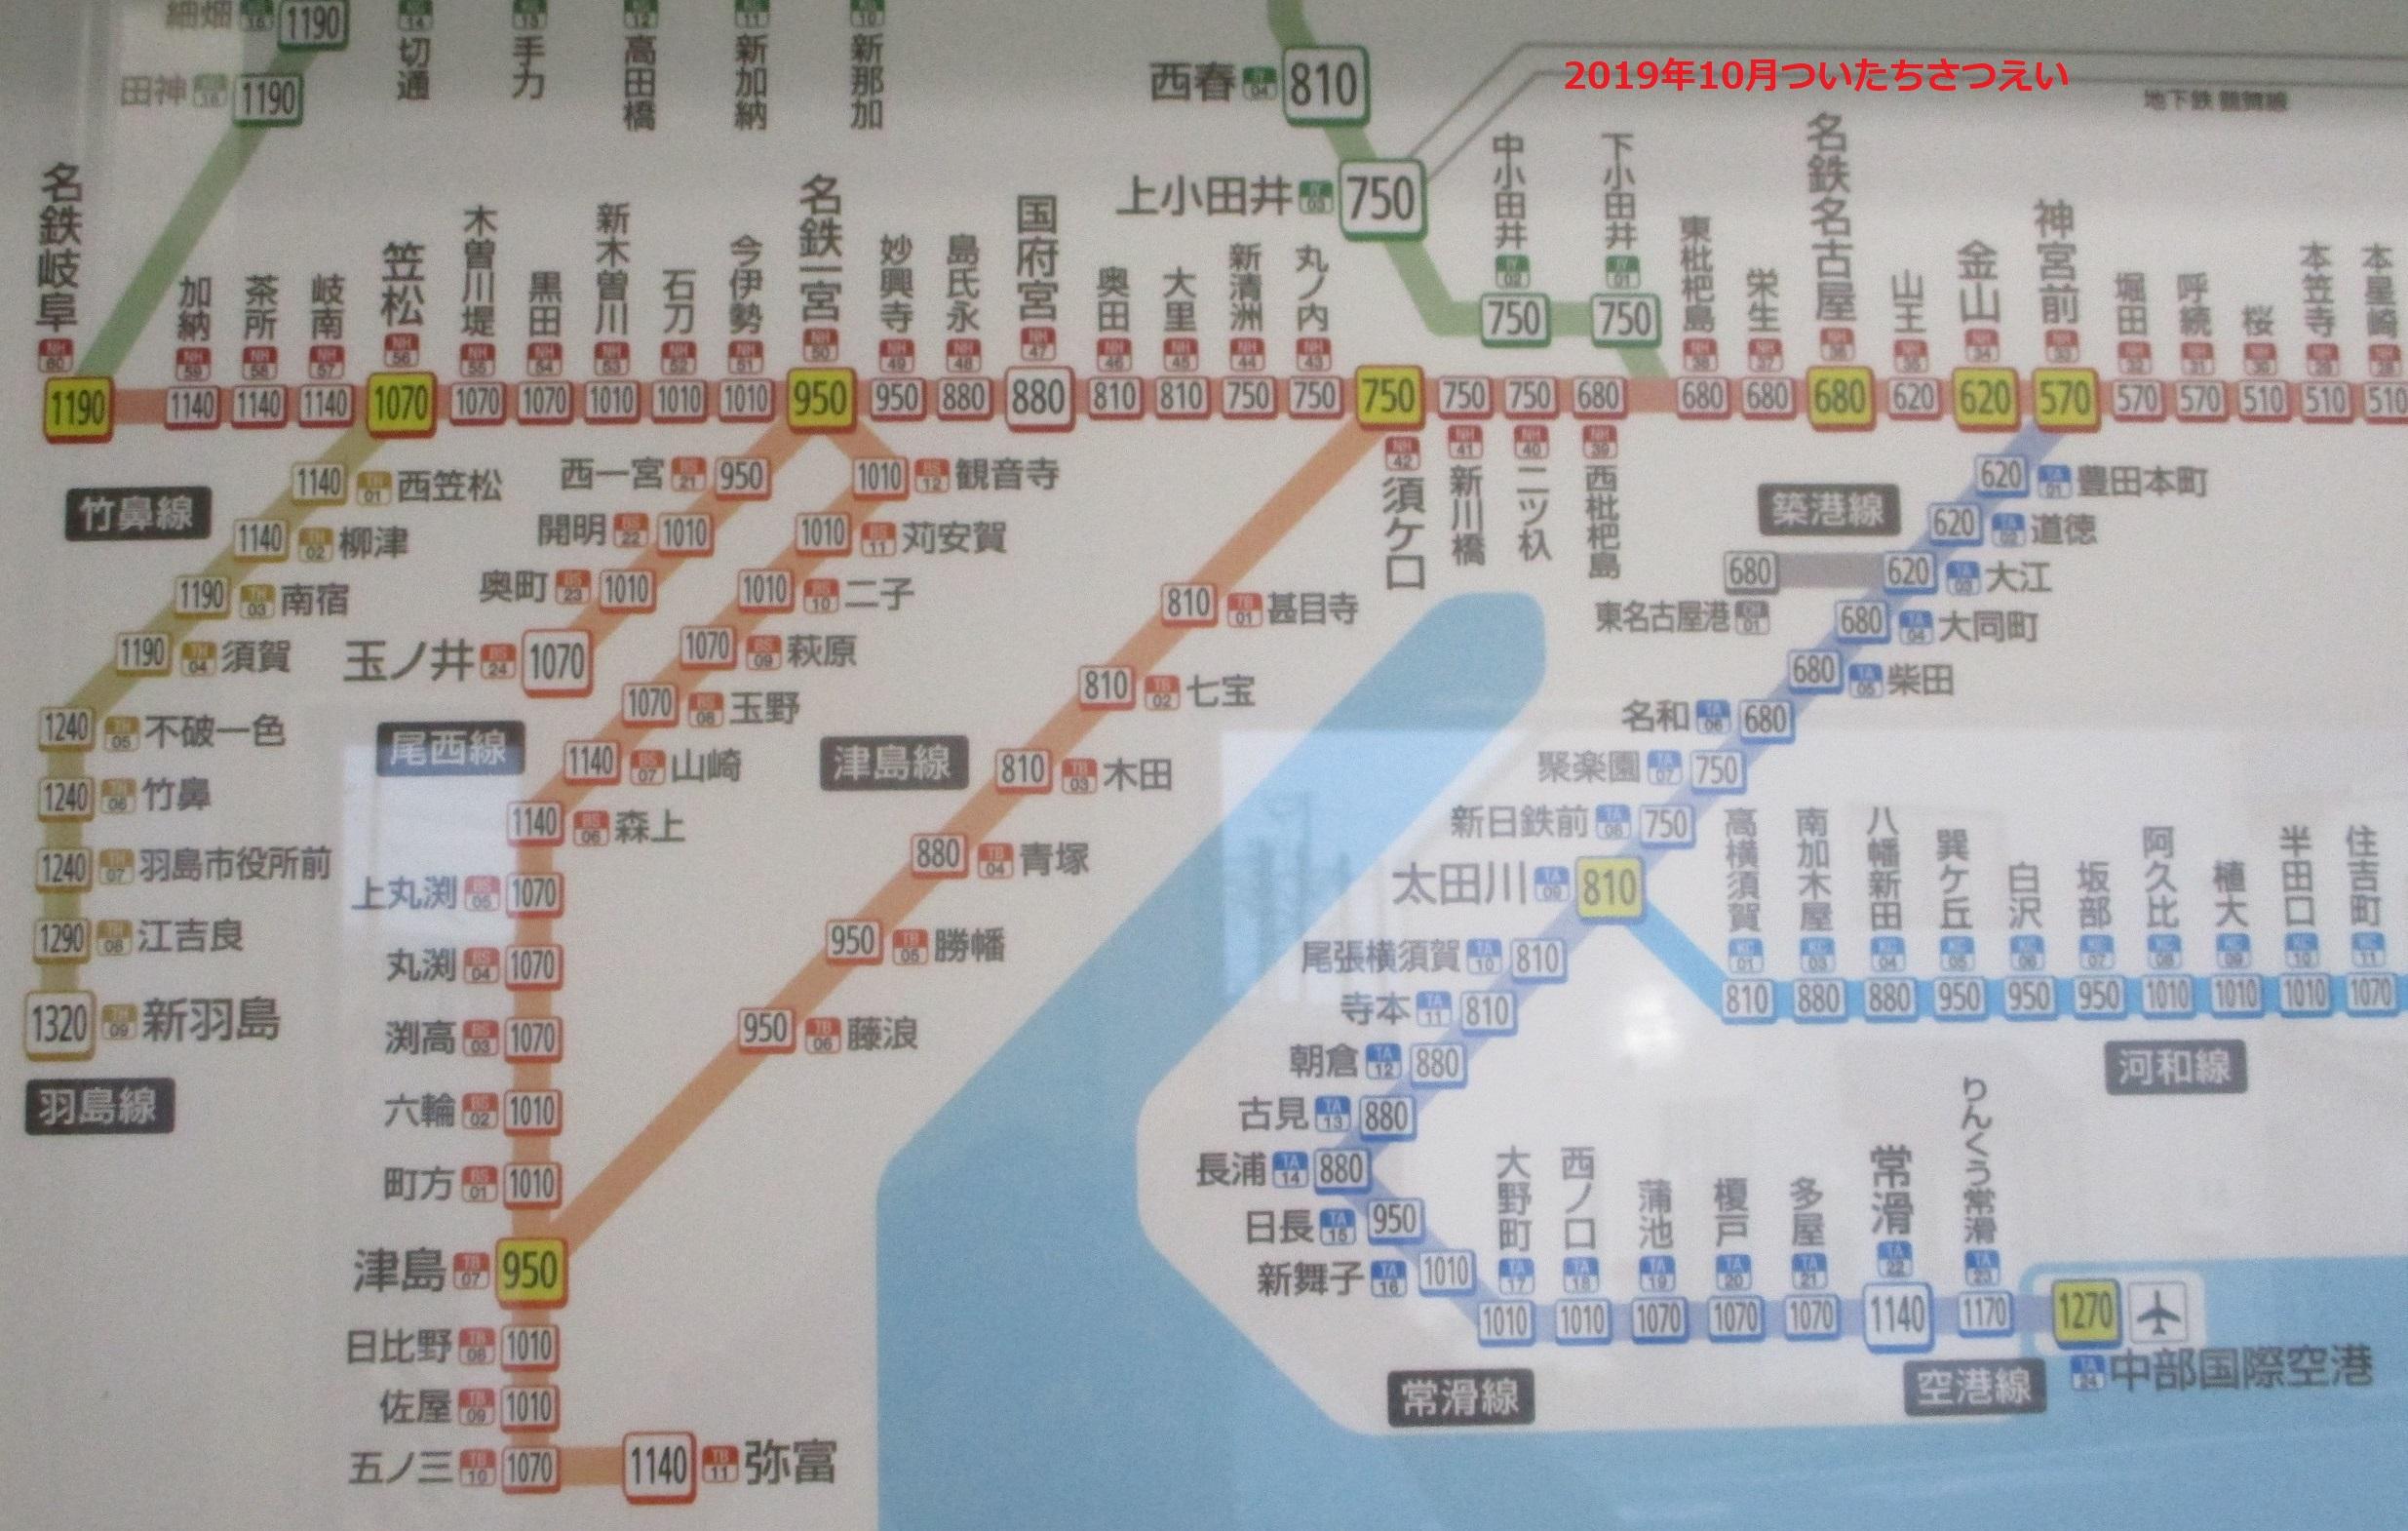 2019.10.1 ふるい - 料金表 4-3 西南 2470-1570